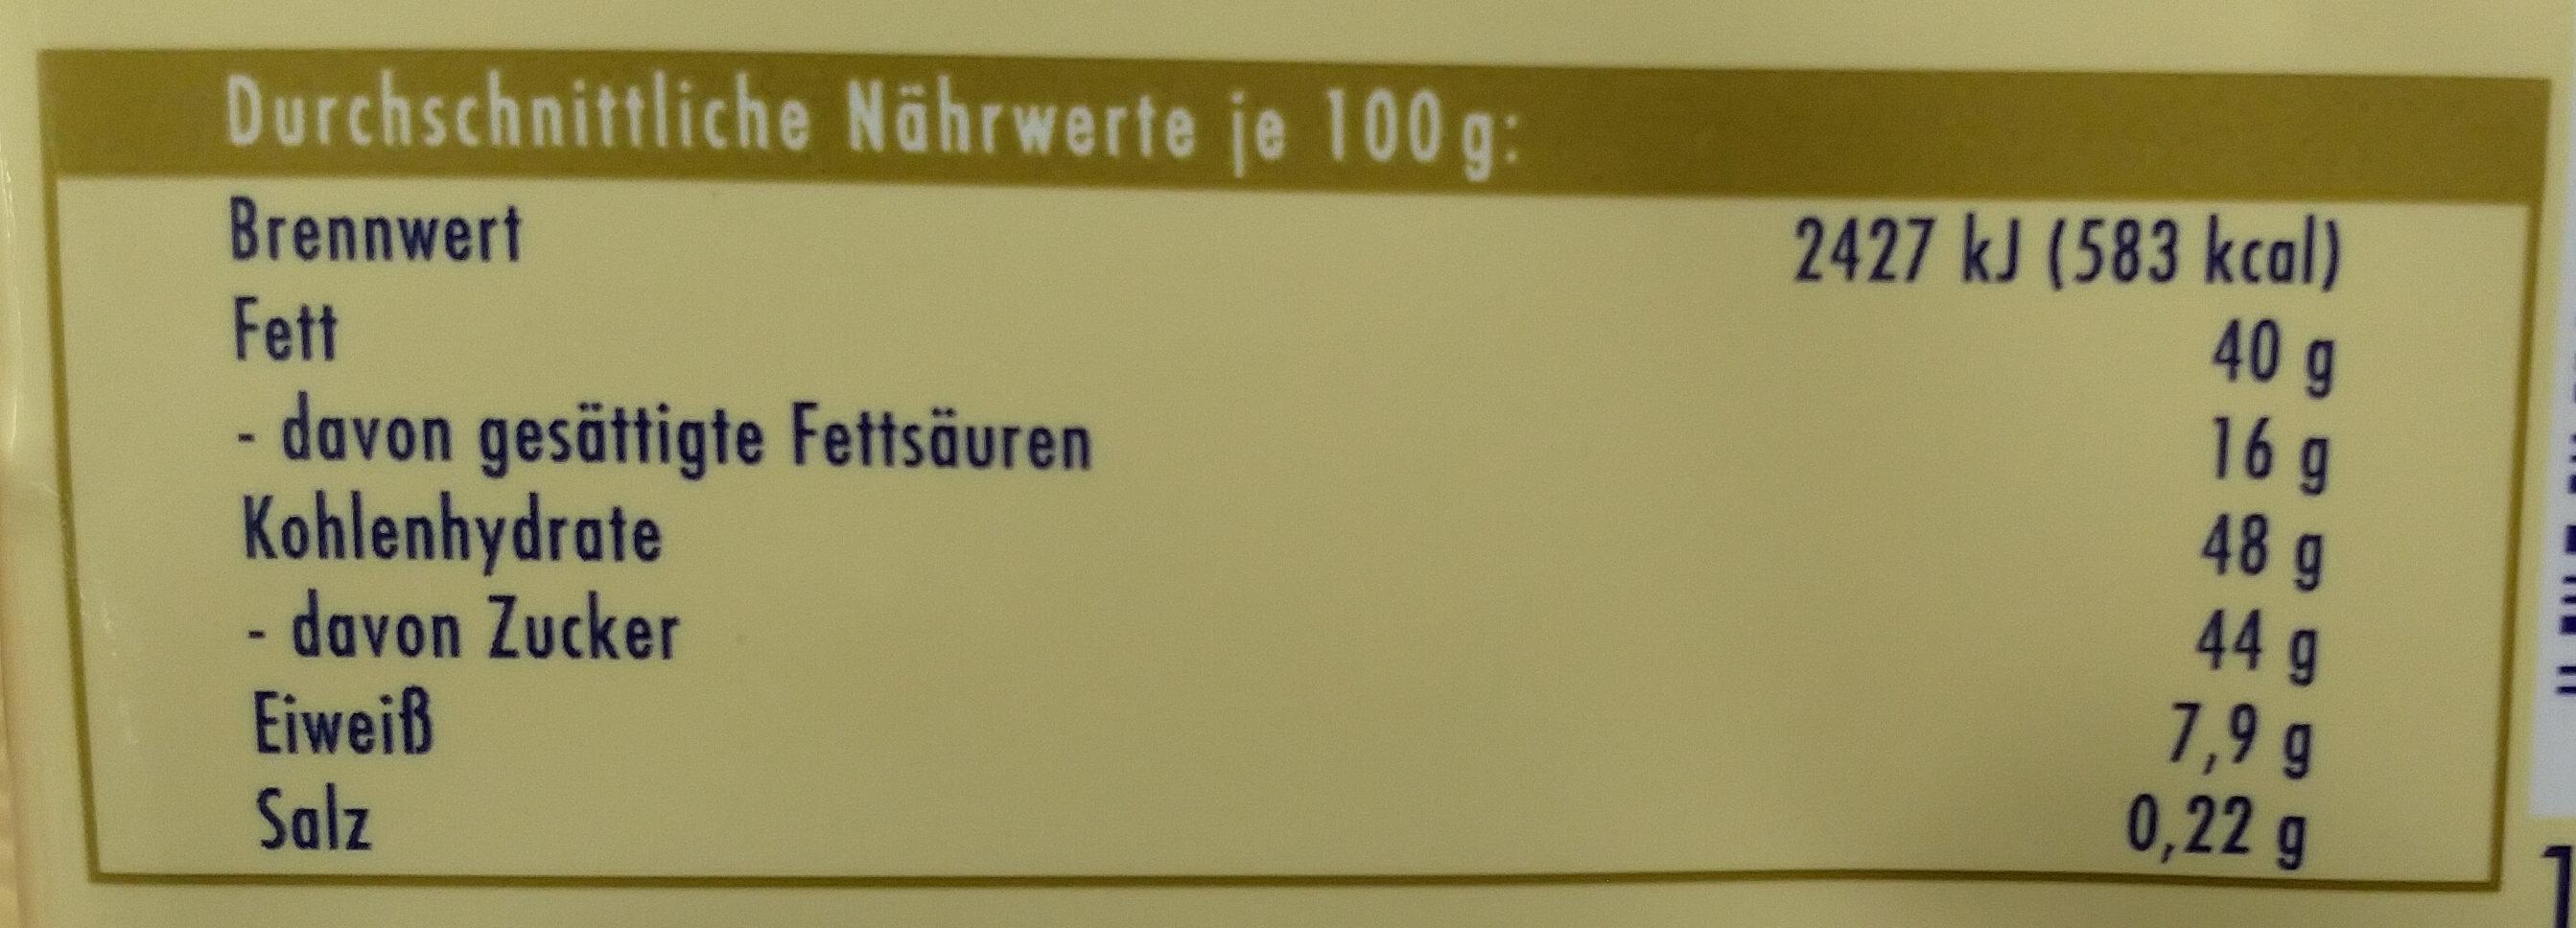 Weisse Voll-Nuss - Voedingswaarden - de